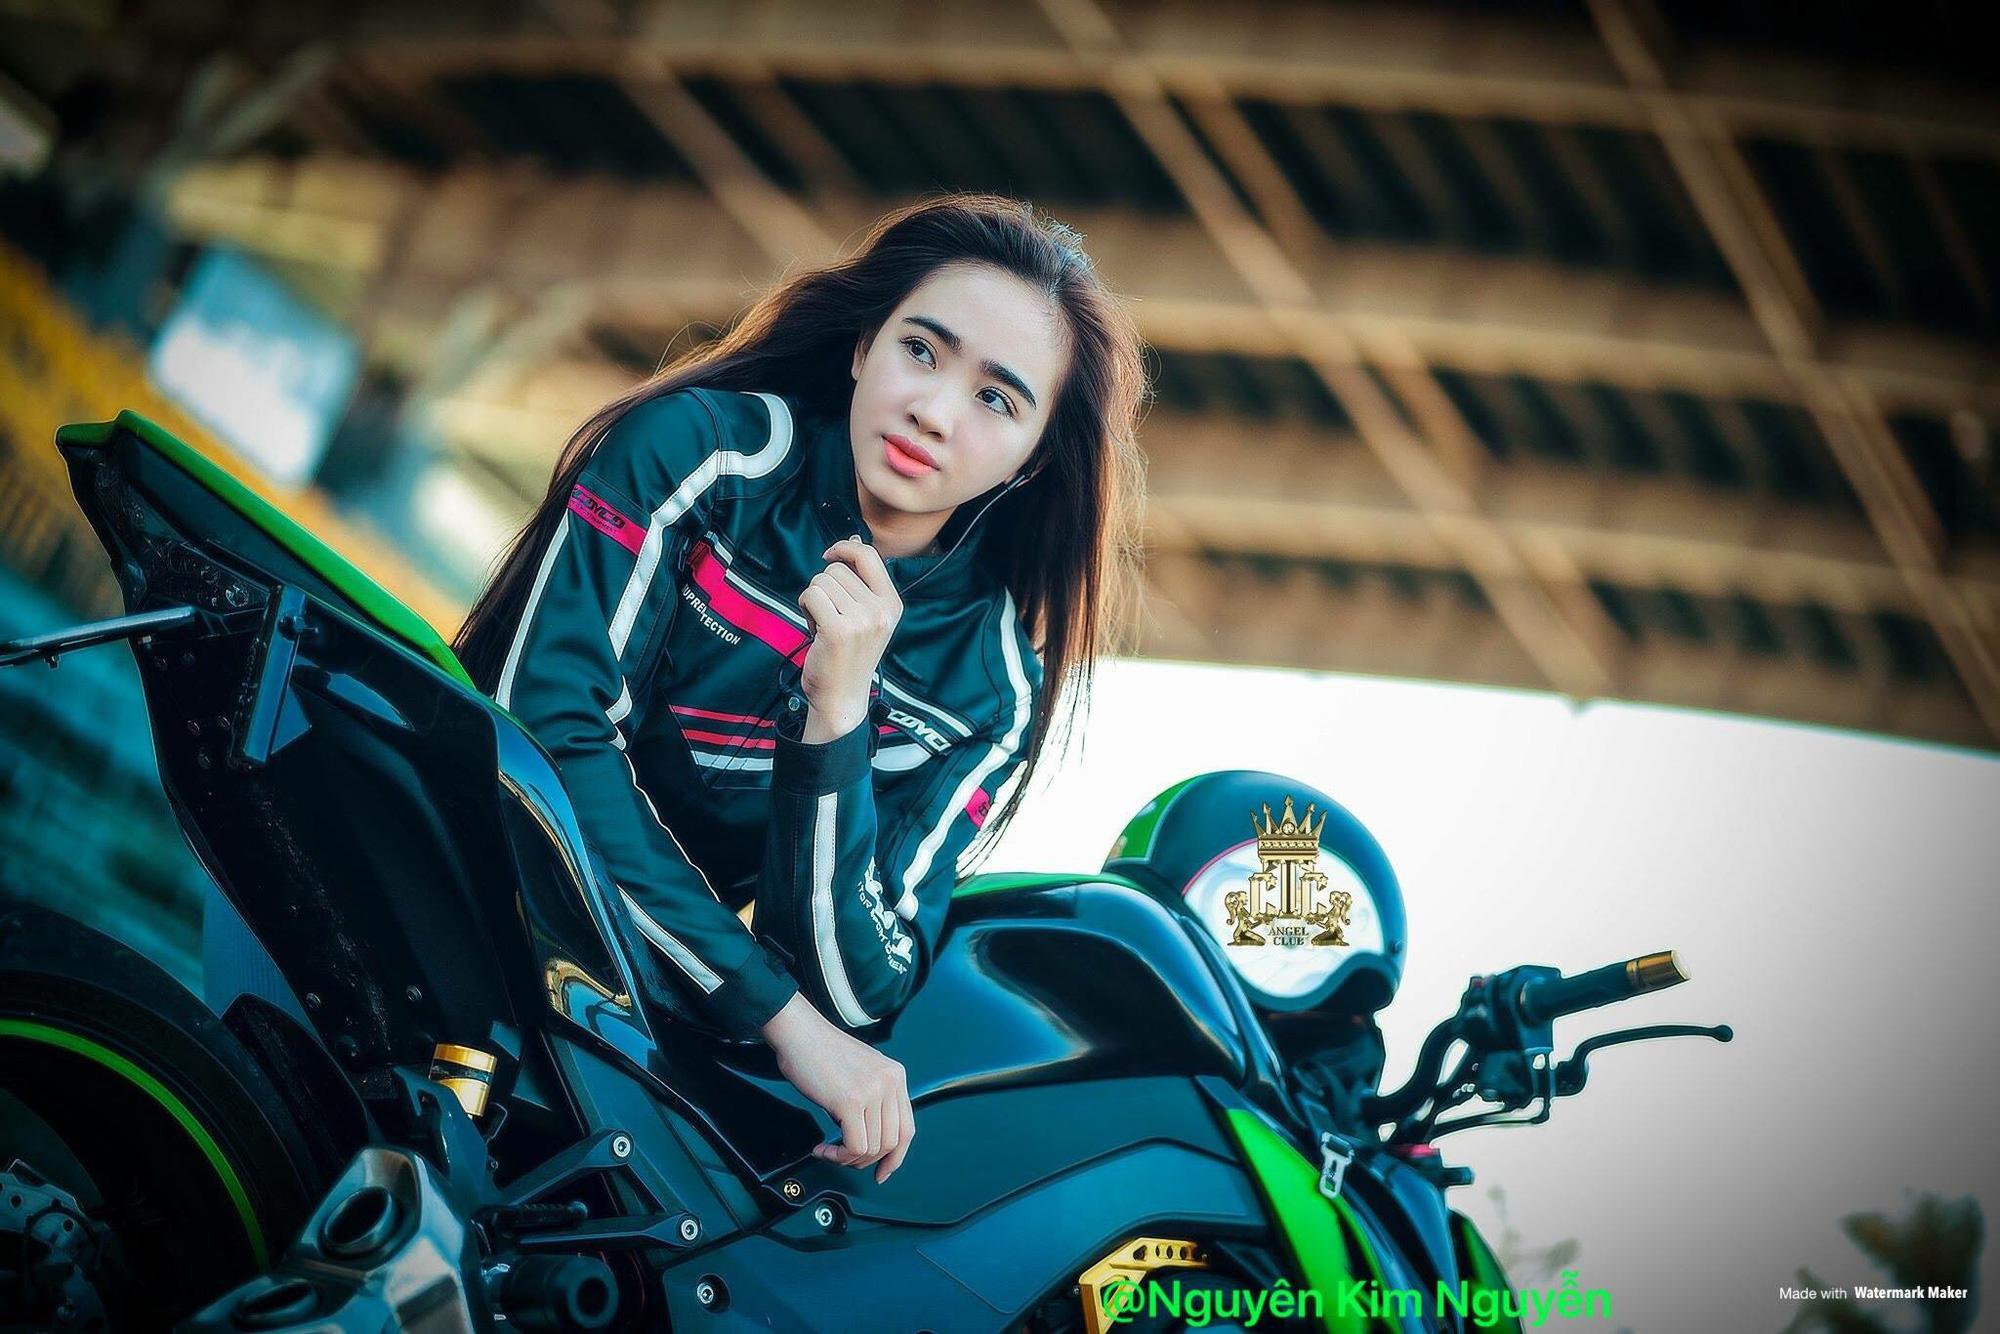 """Hotgirl Cần Thơ Kim Nguyên: """"Chơi xe phân khối lớn là nét đẹp"""" - Ảnh 4."""